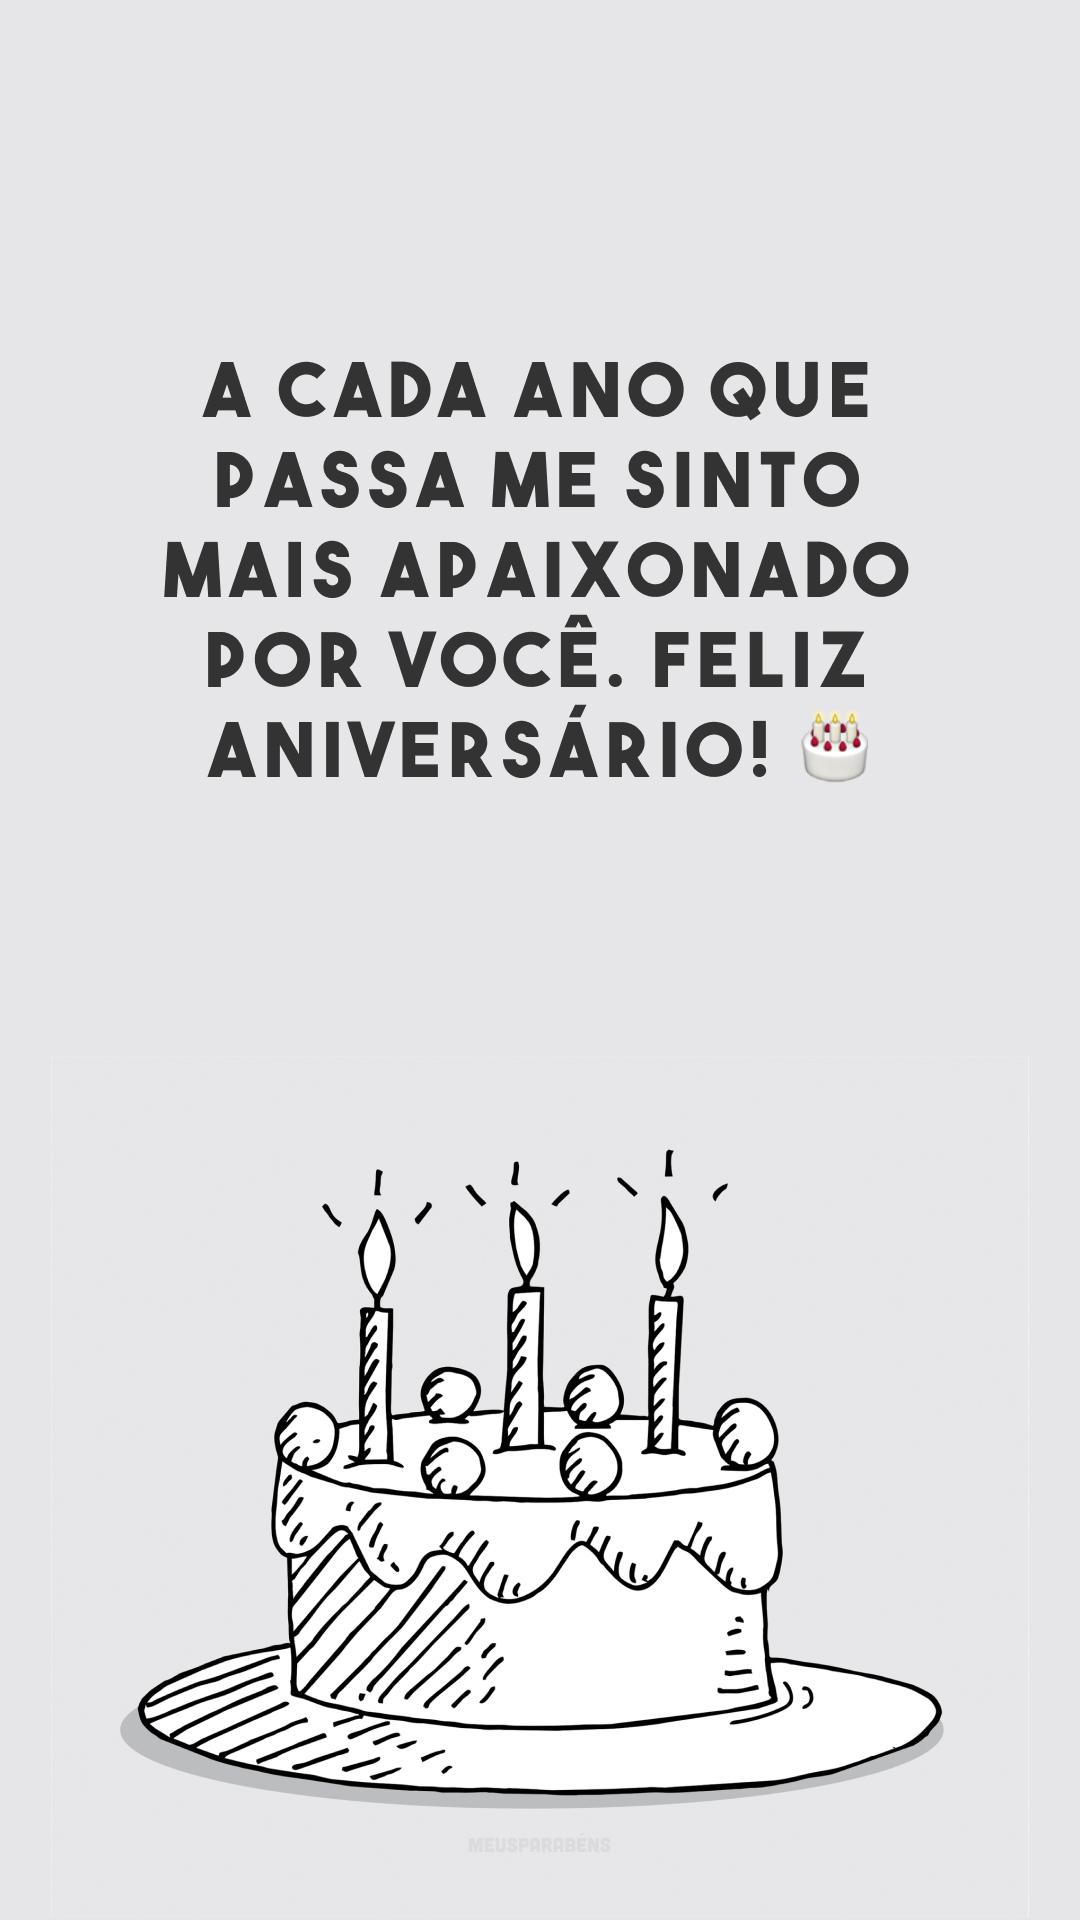 A cada ano que passa me sinto mais apaixonado por você. Feliz aniversário! 🎂